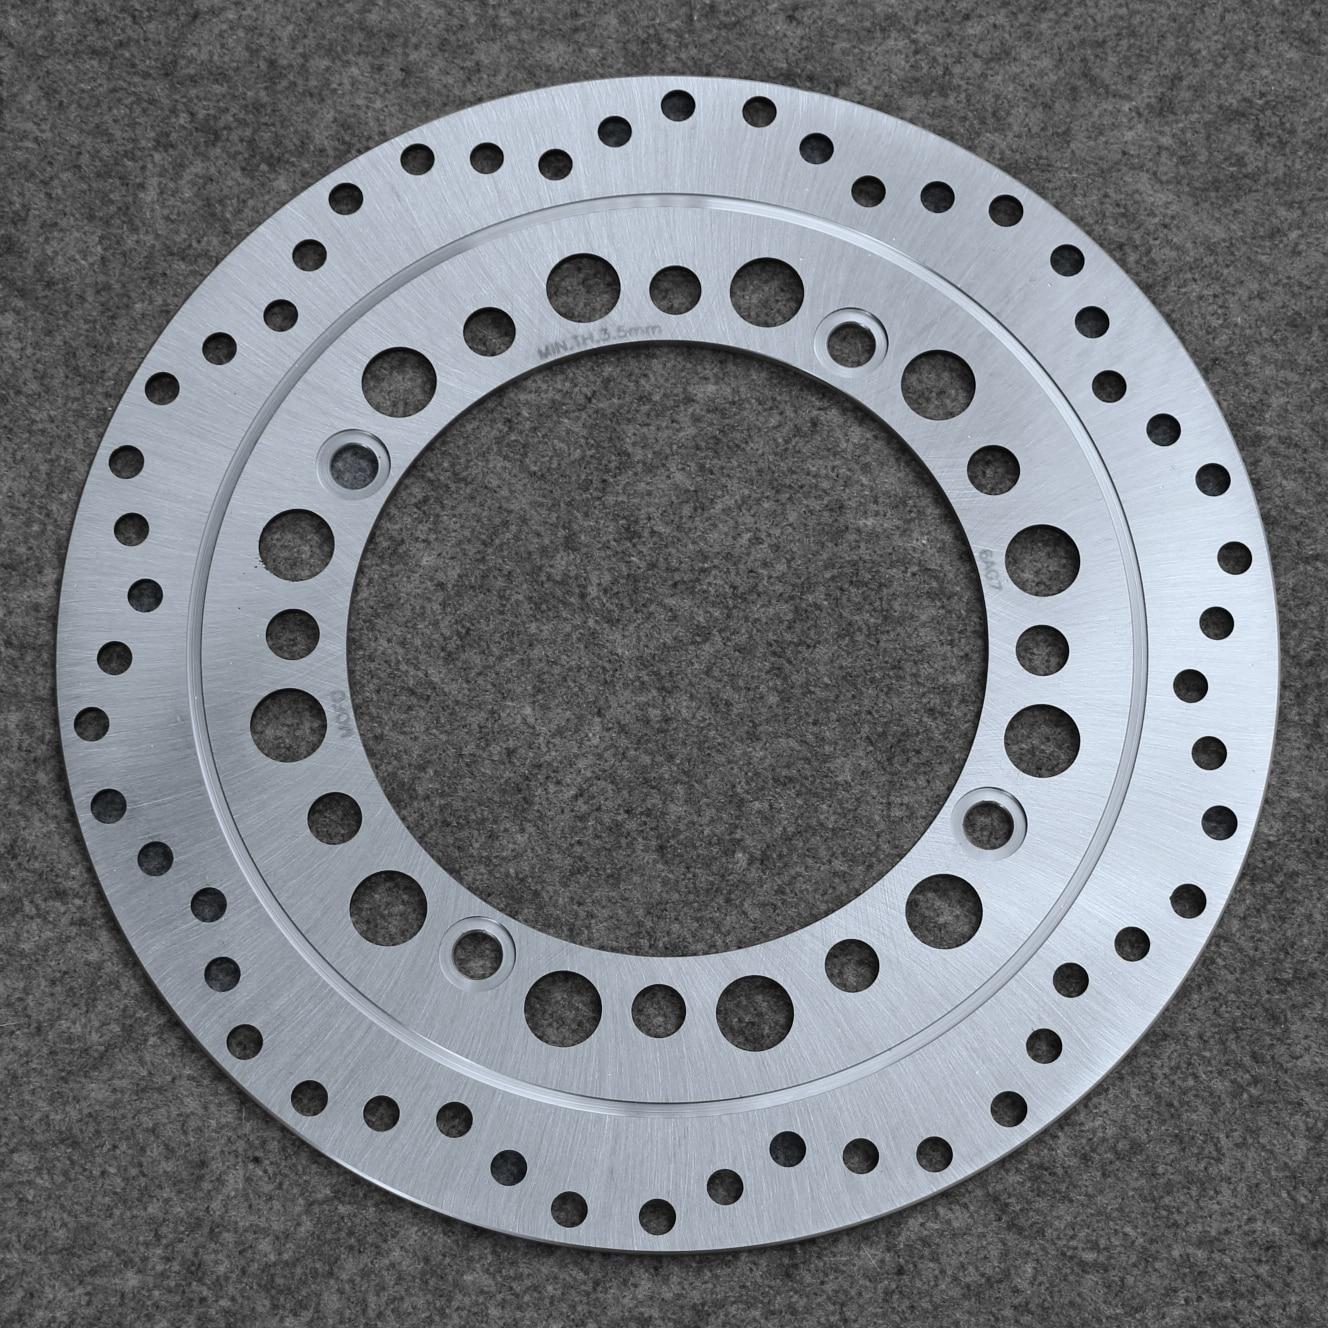 Ротор дисковых передних тормозов подходит для мотоциклов Honda XRV750 Africa Twin A 90 91 92 93